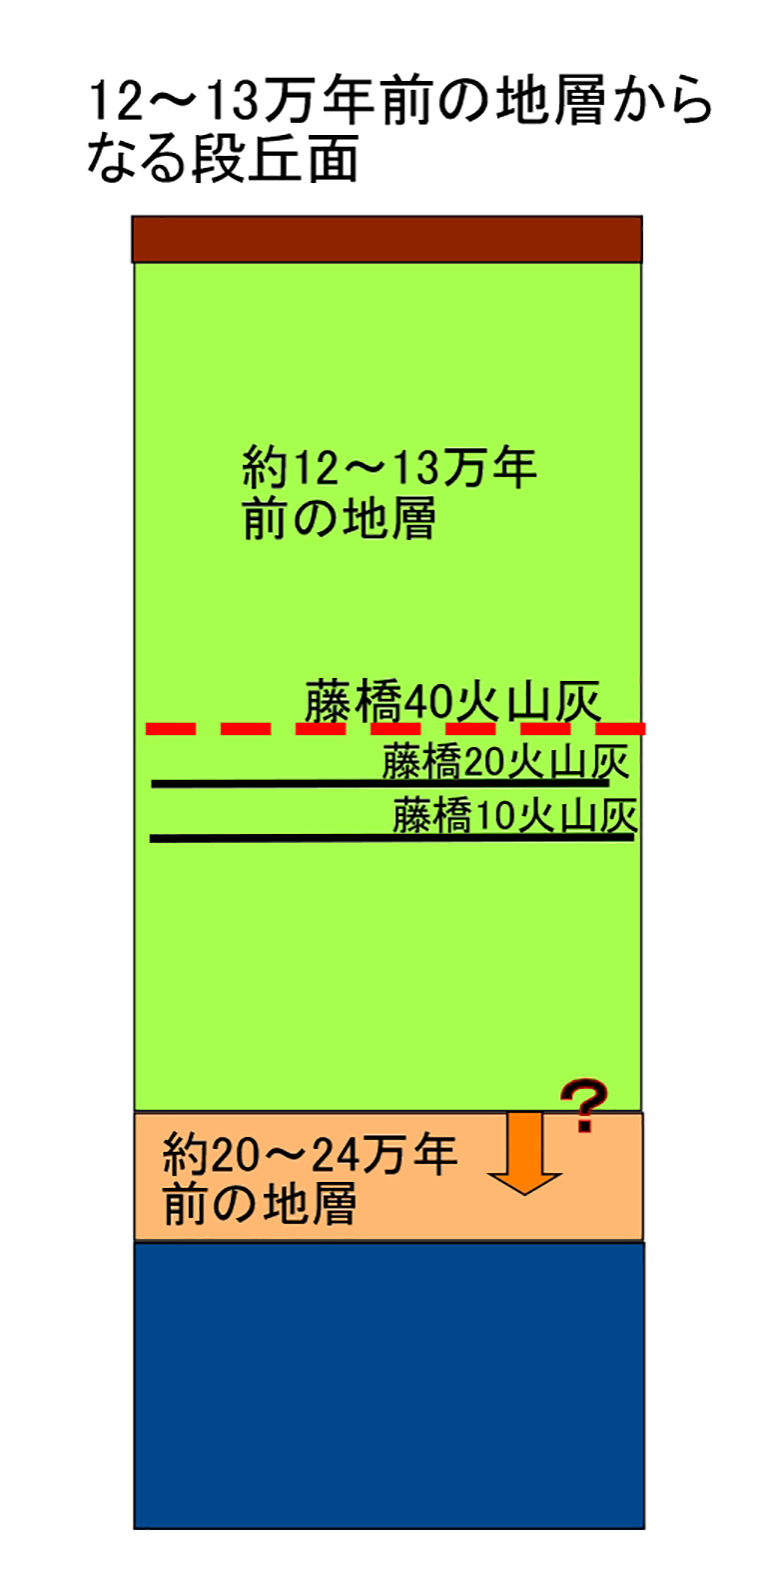 20170702165324219.jpg